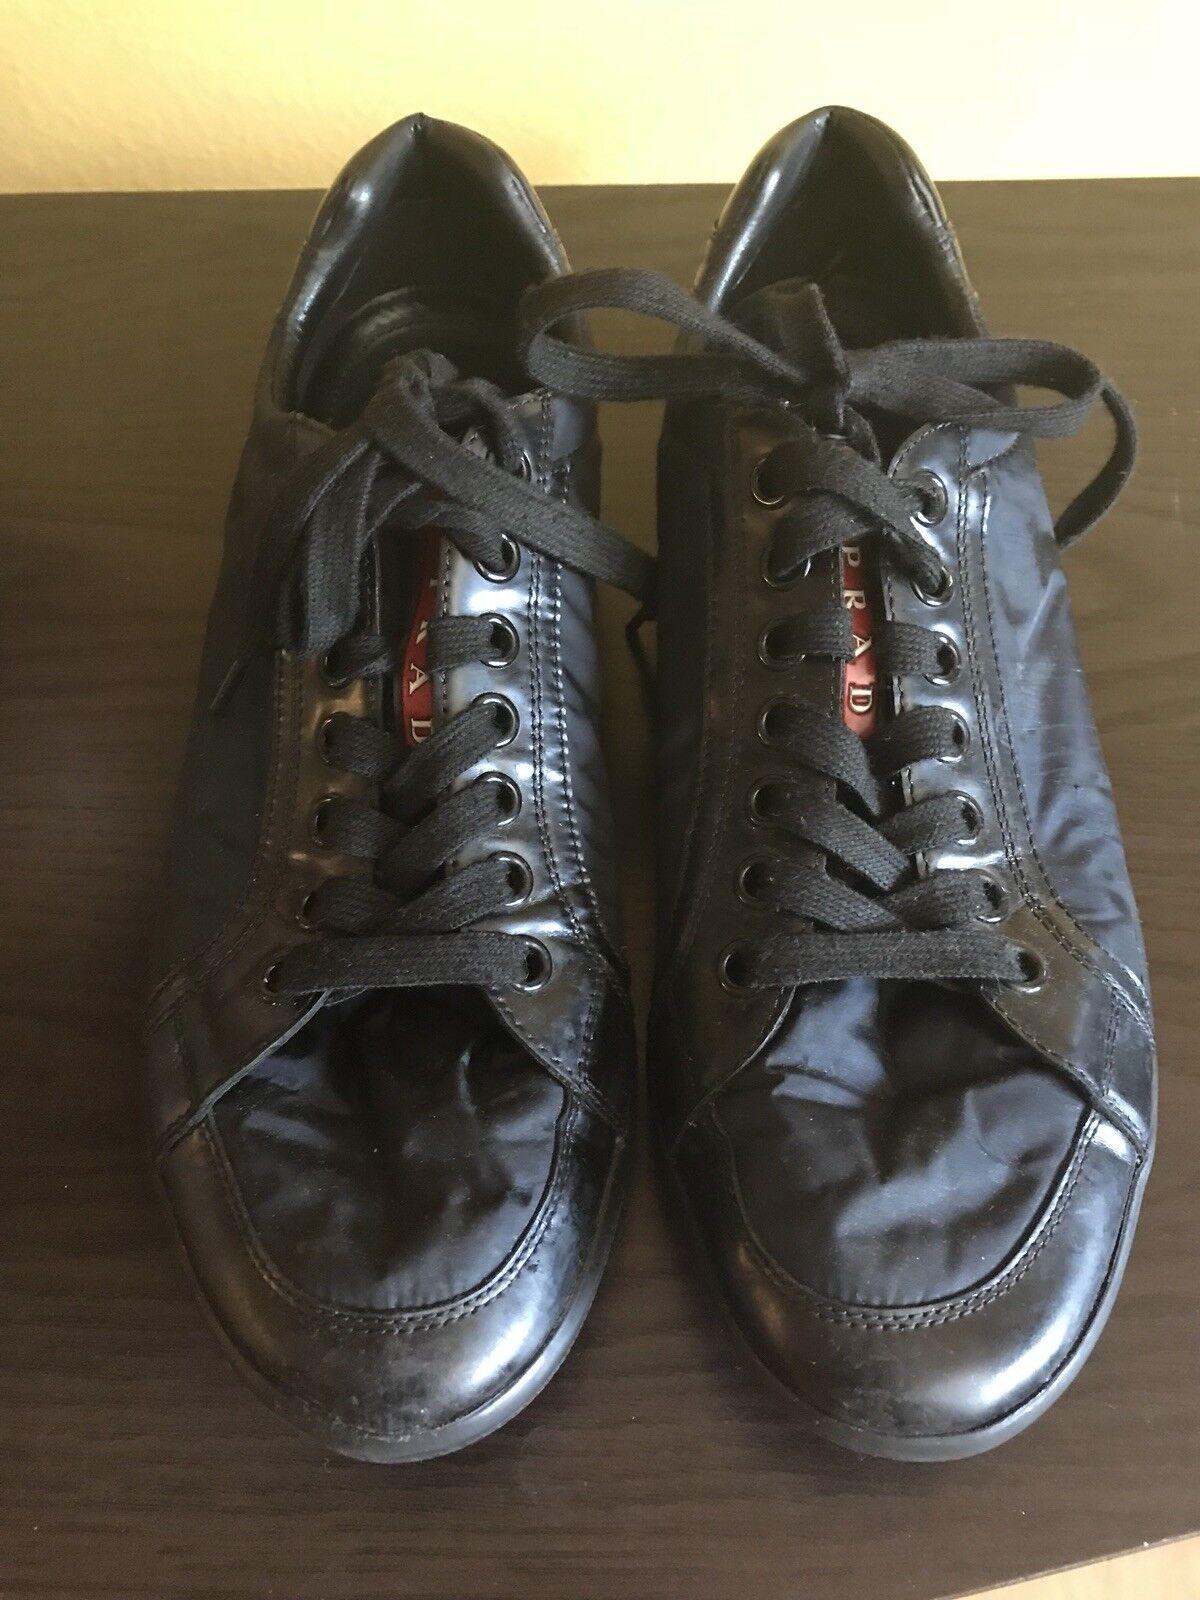 Authentic Prada Men's Offshore scarpe da ginnastica blu Nylon Dimensione 9 4E 2439